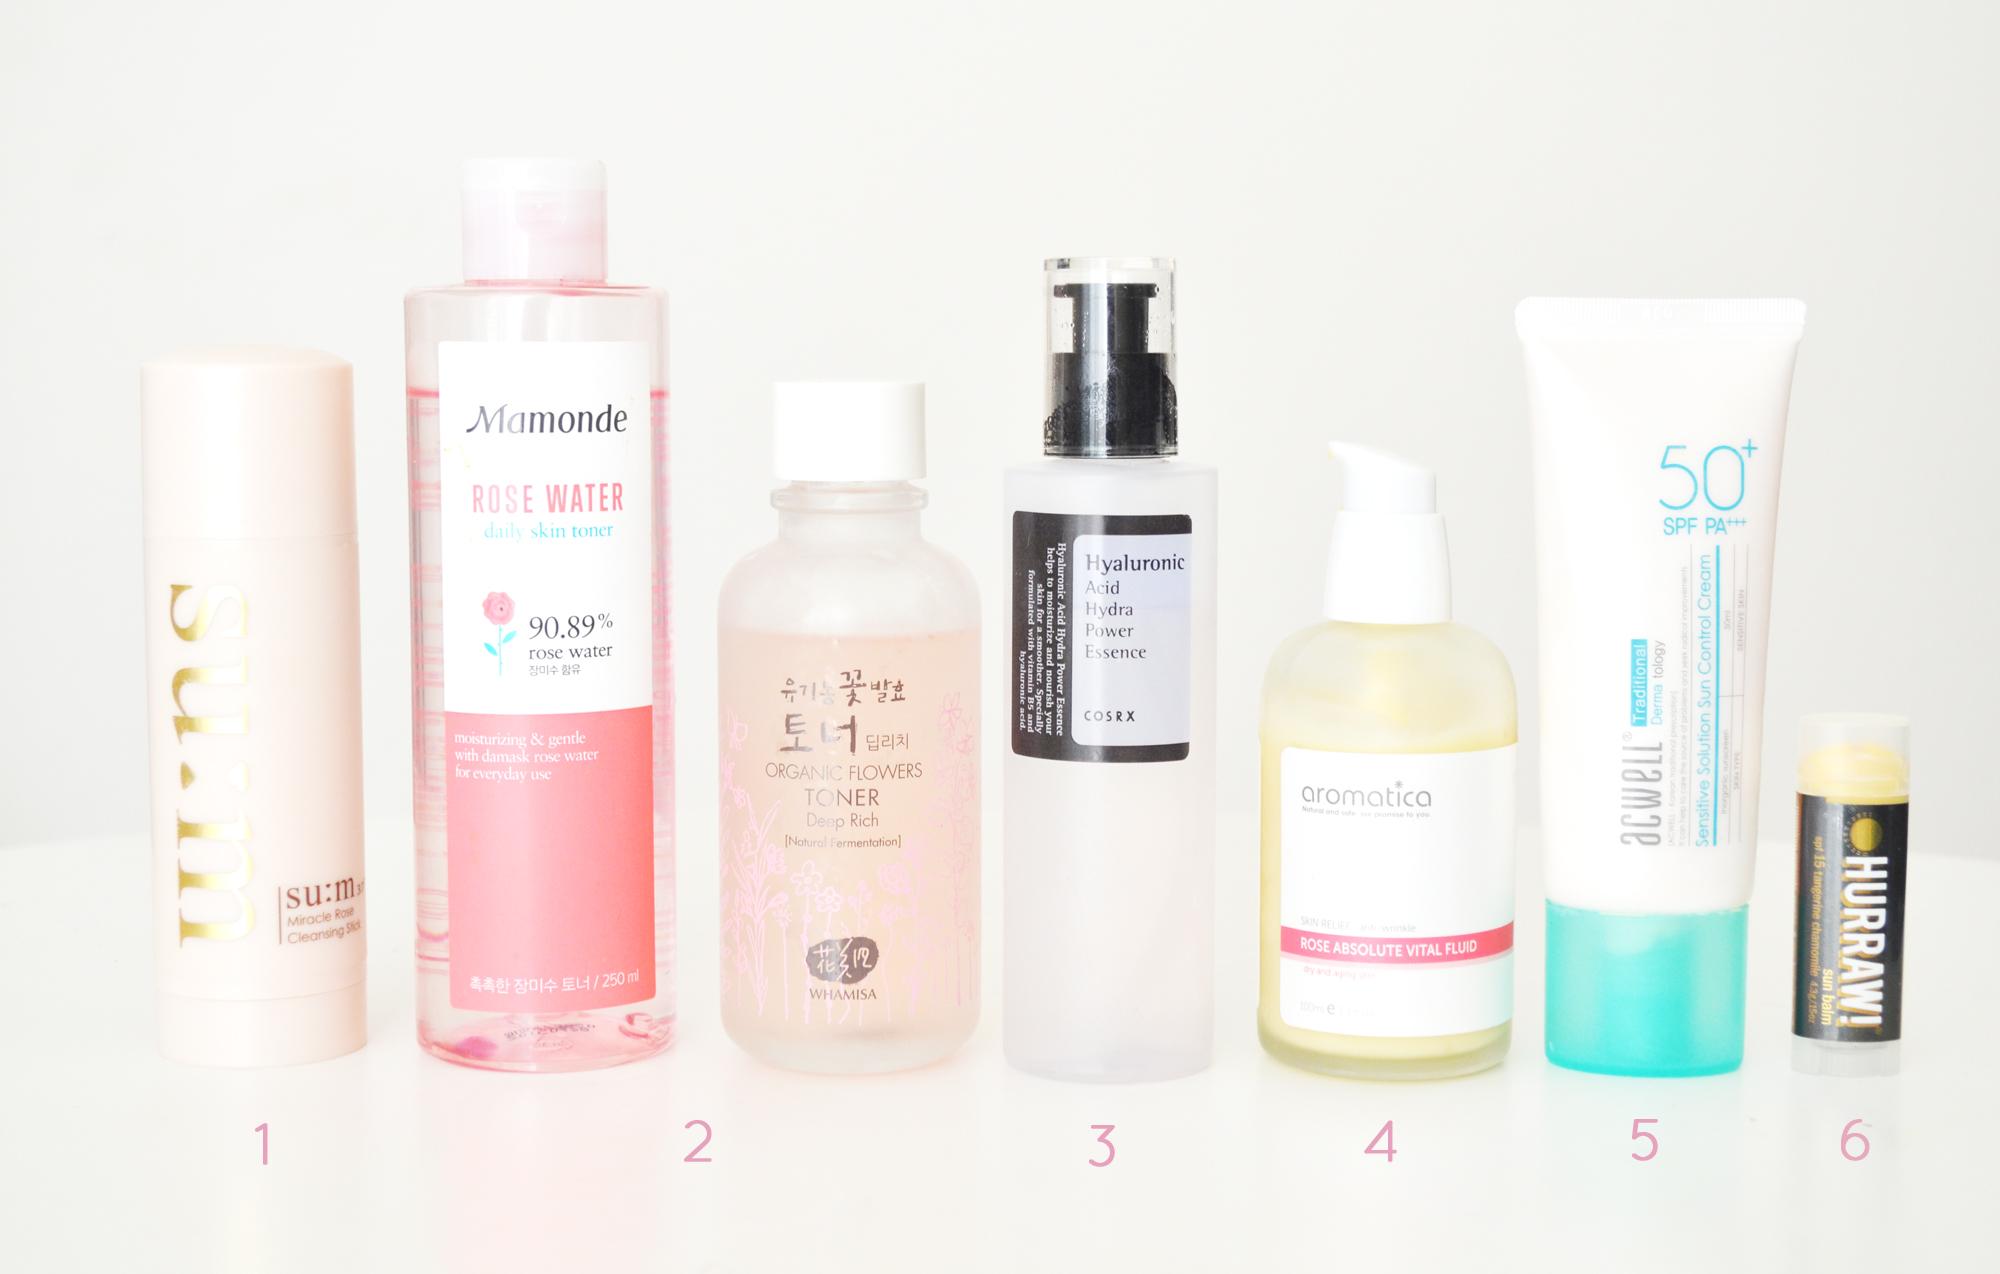 a85bbcf9da0 Voici une sélection de produit coréen pour vous     . Produits cosmétiques  asiatiques